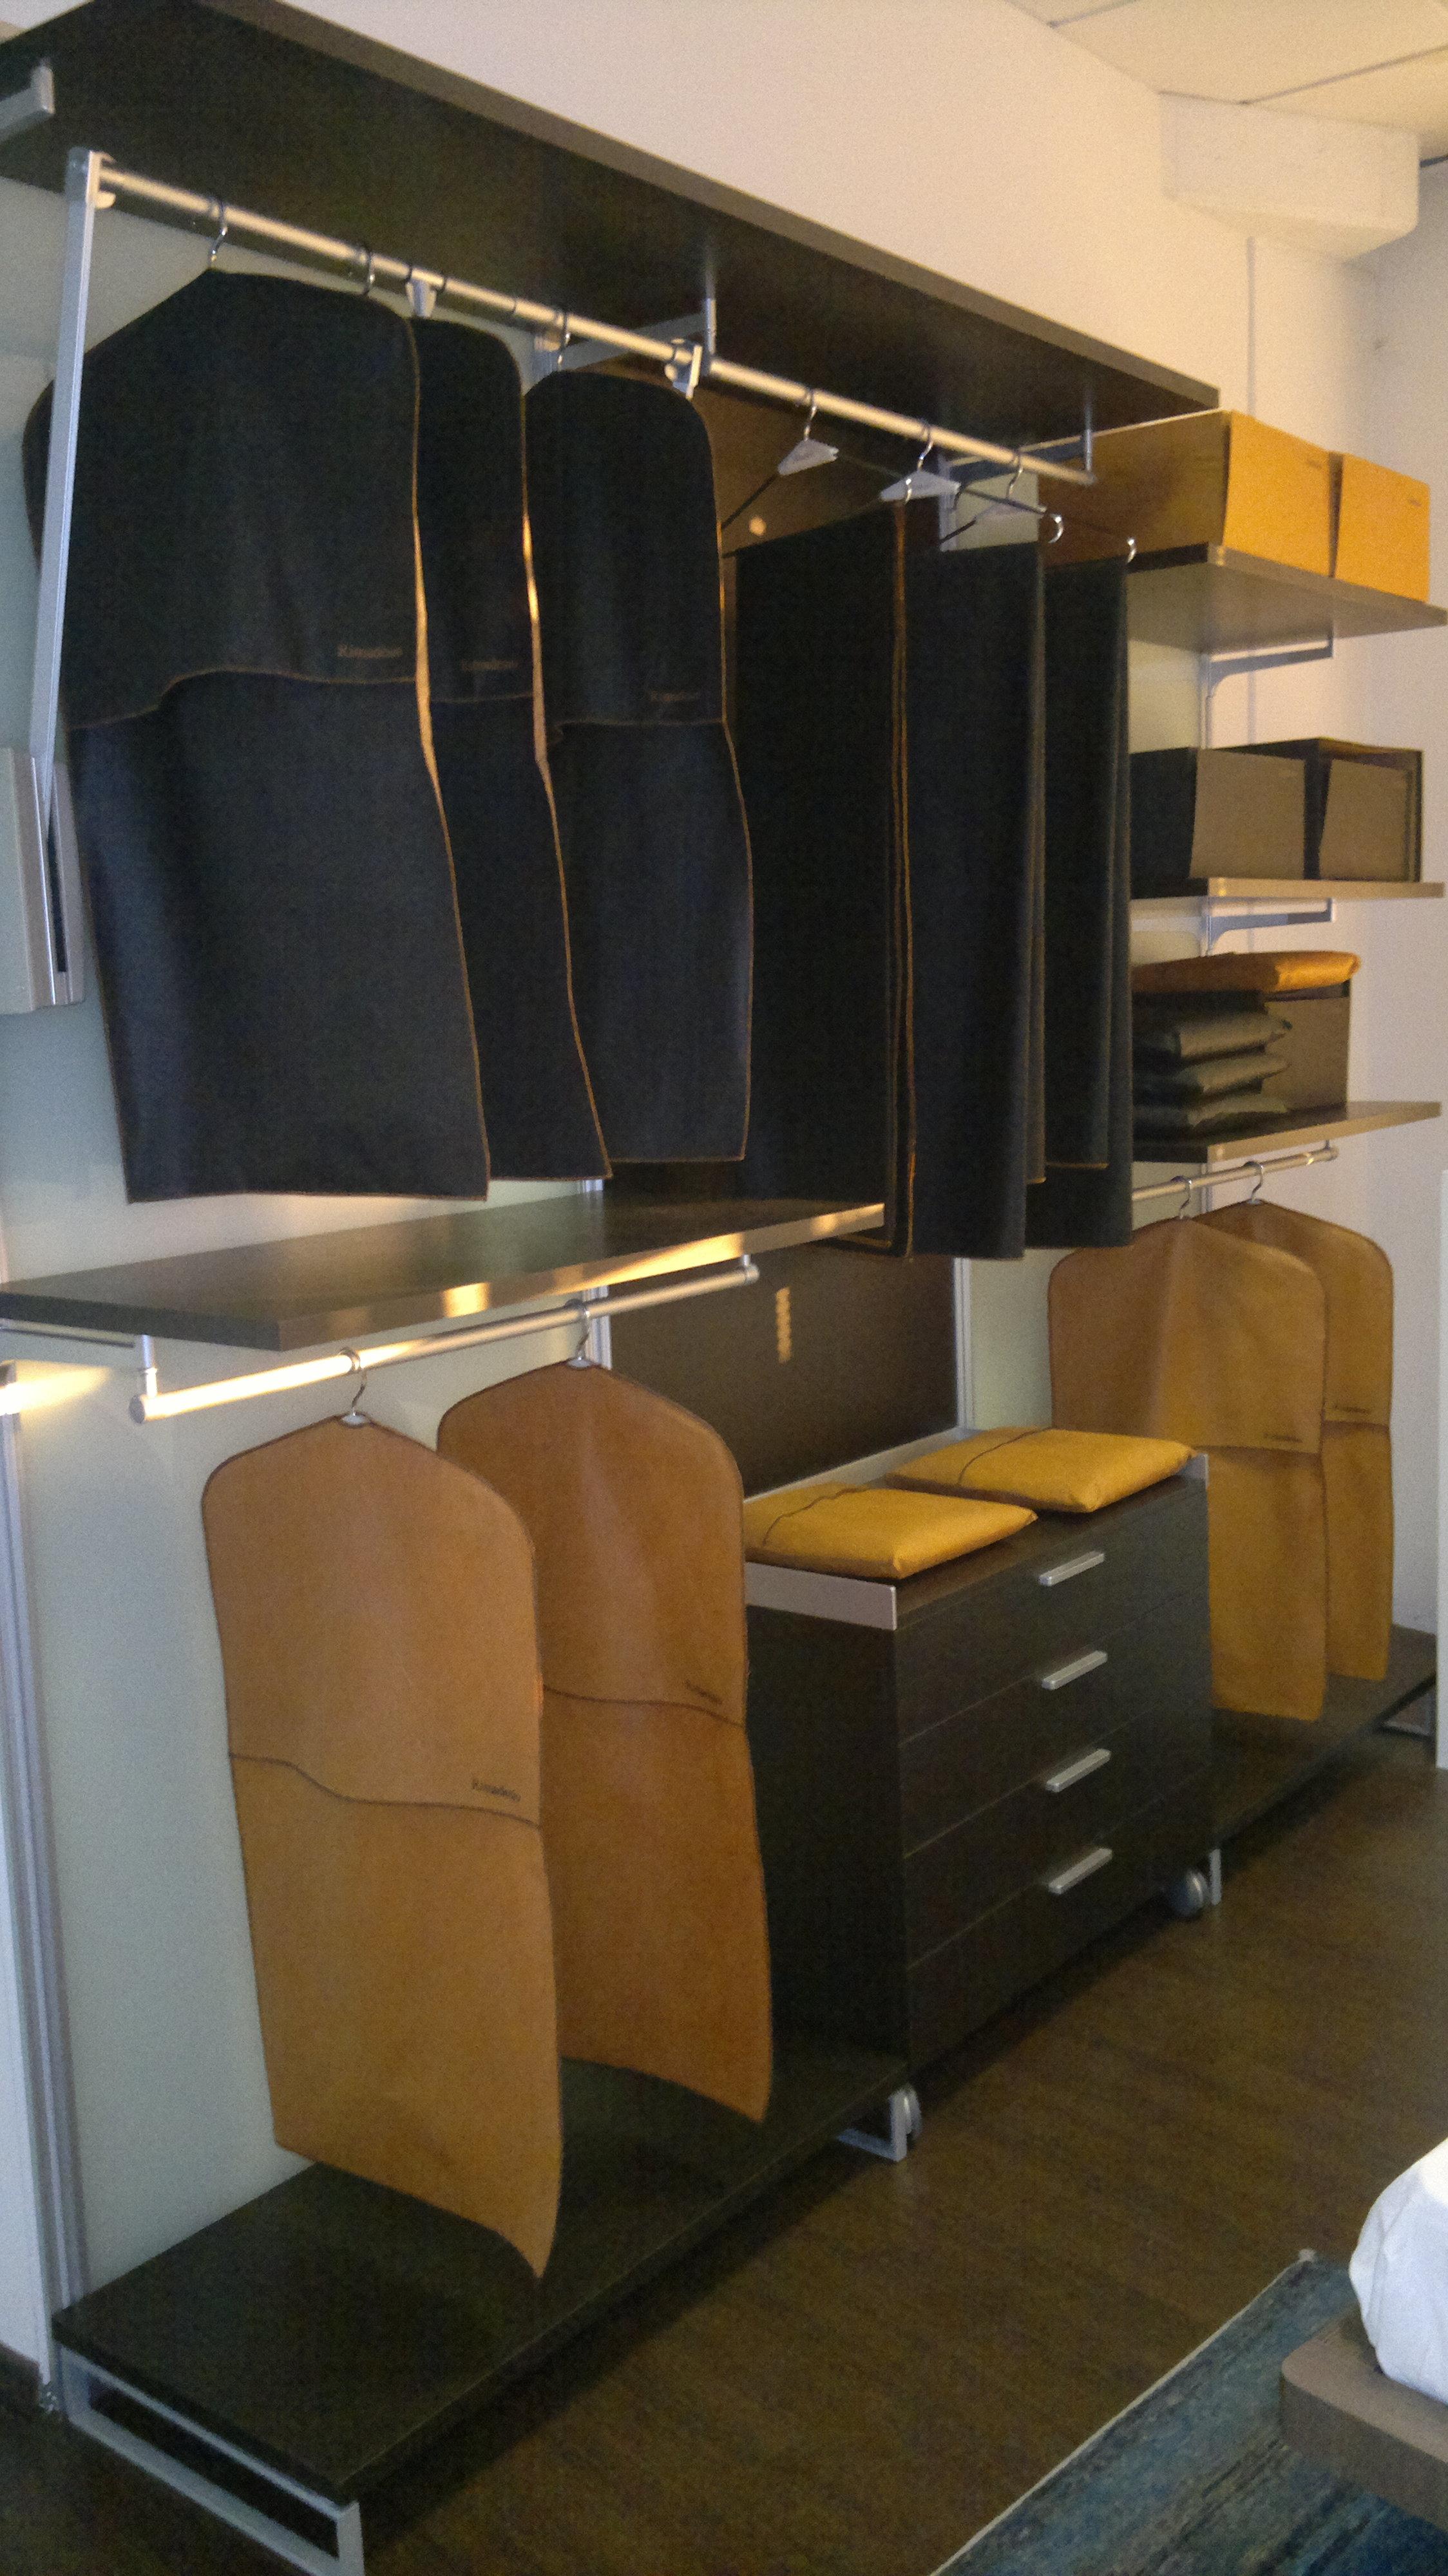 cabina armadio rimadesio 13247 armadi a prezzi scontati. Black Bedroom Furniture Sets. Home Design Ideas